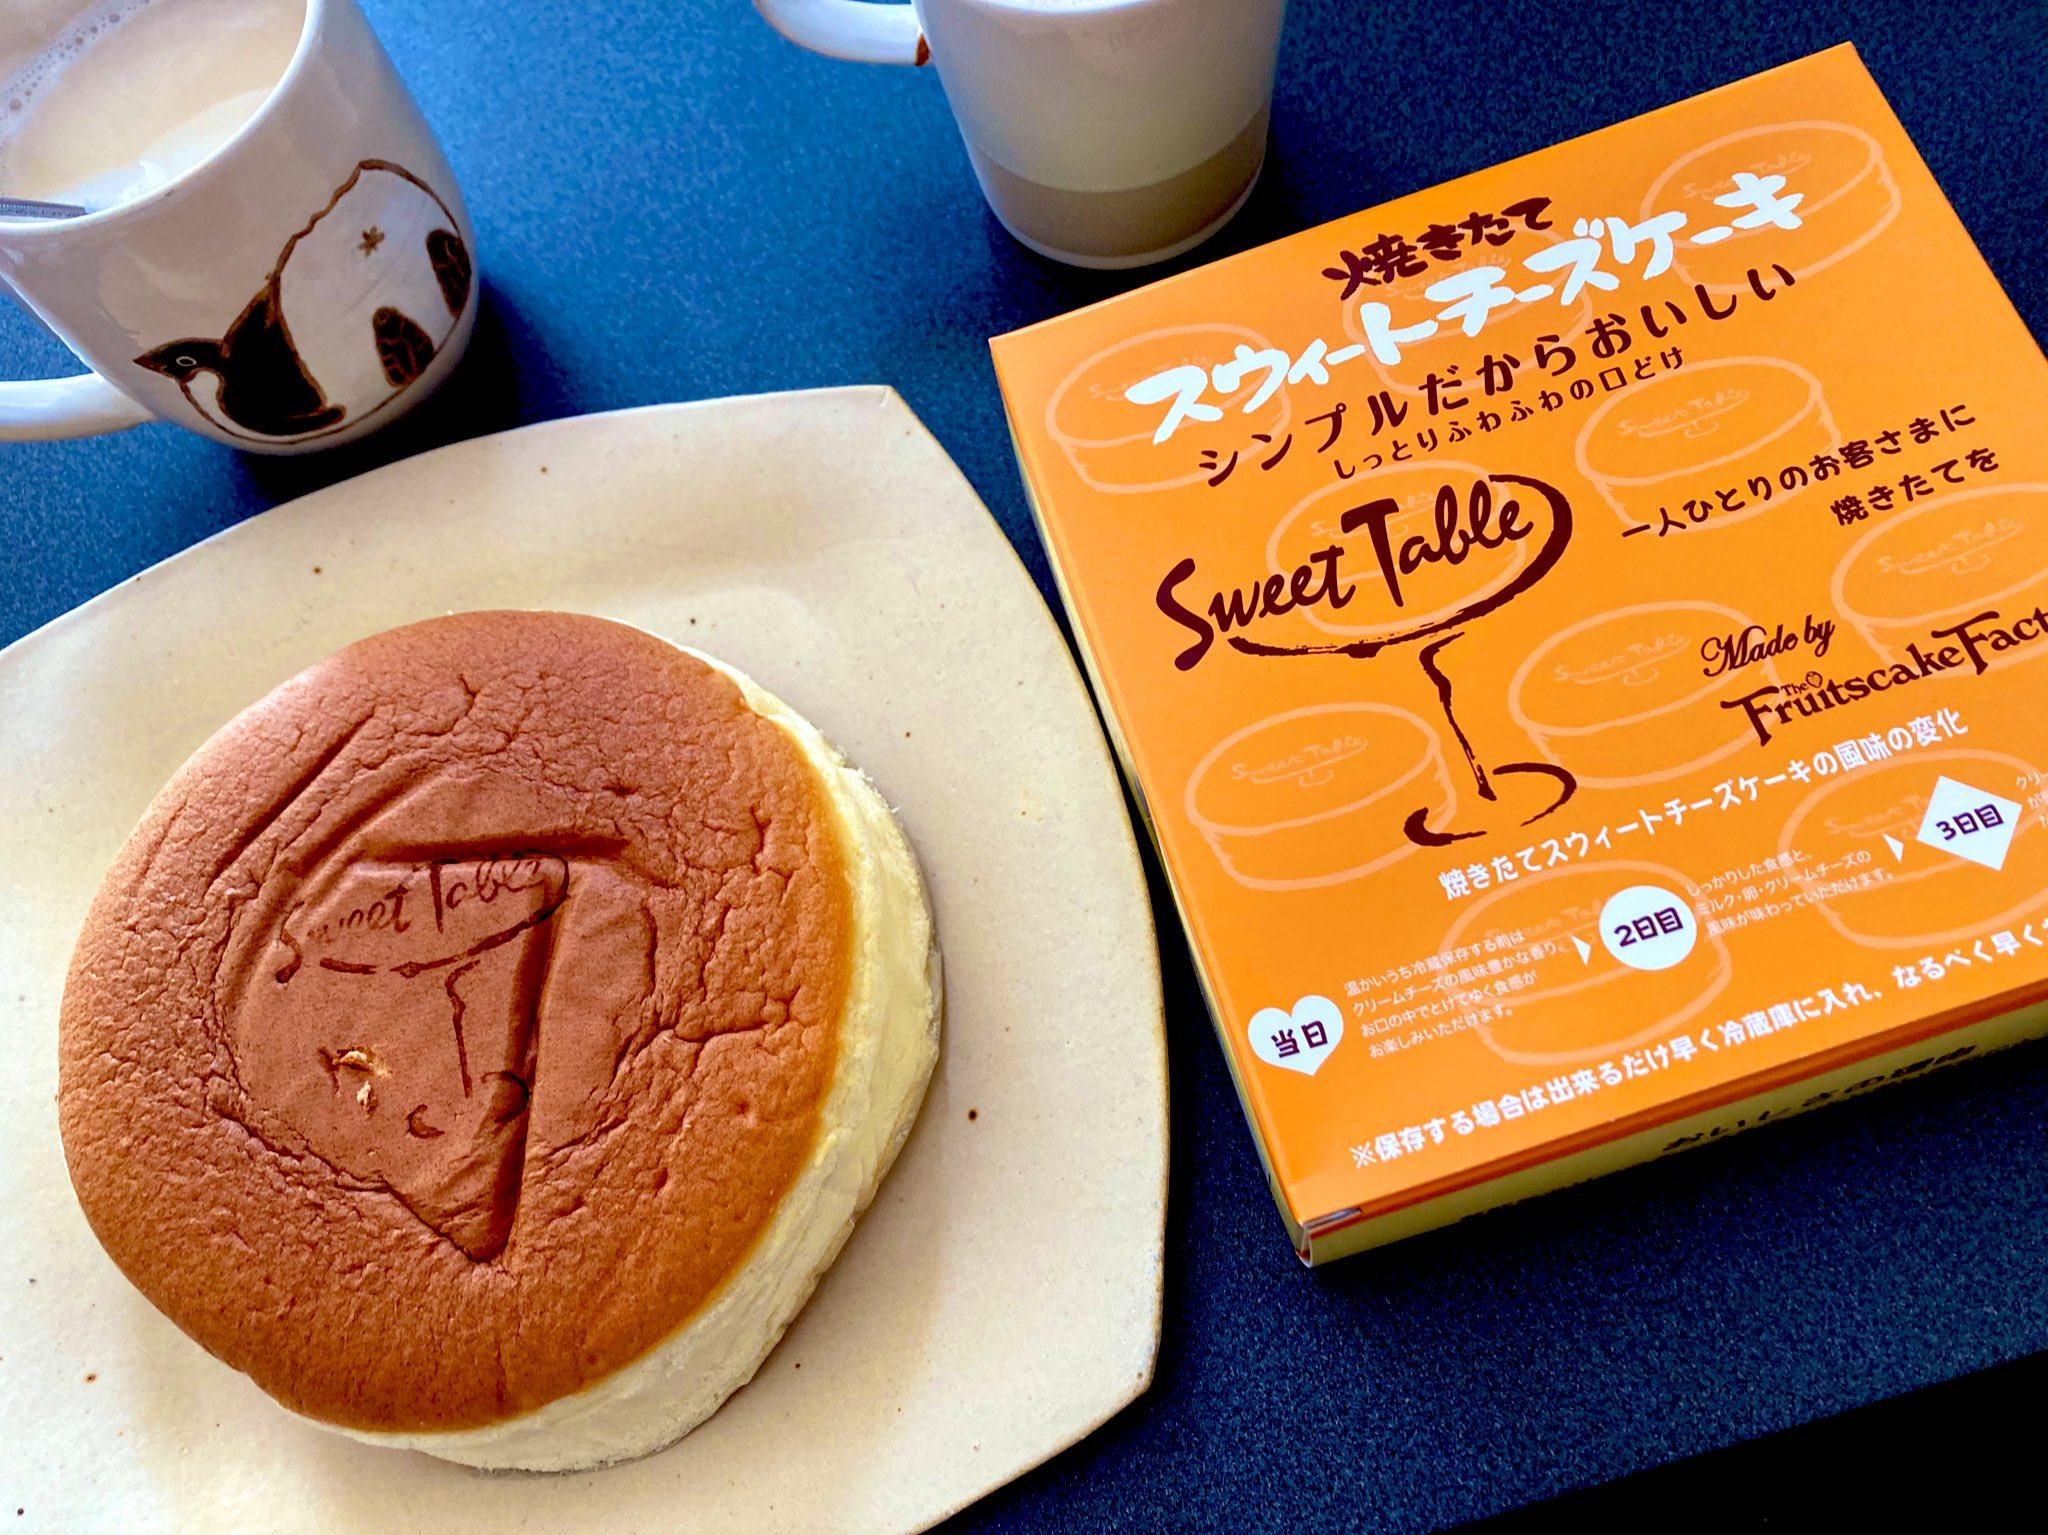 フルーツチーズケーキファクトリーのチーズケーキ600円